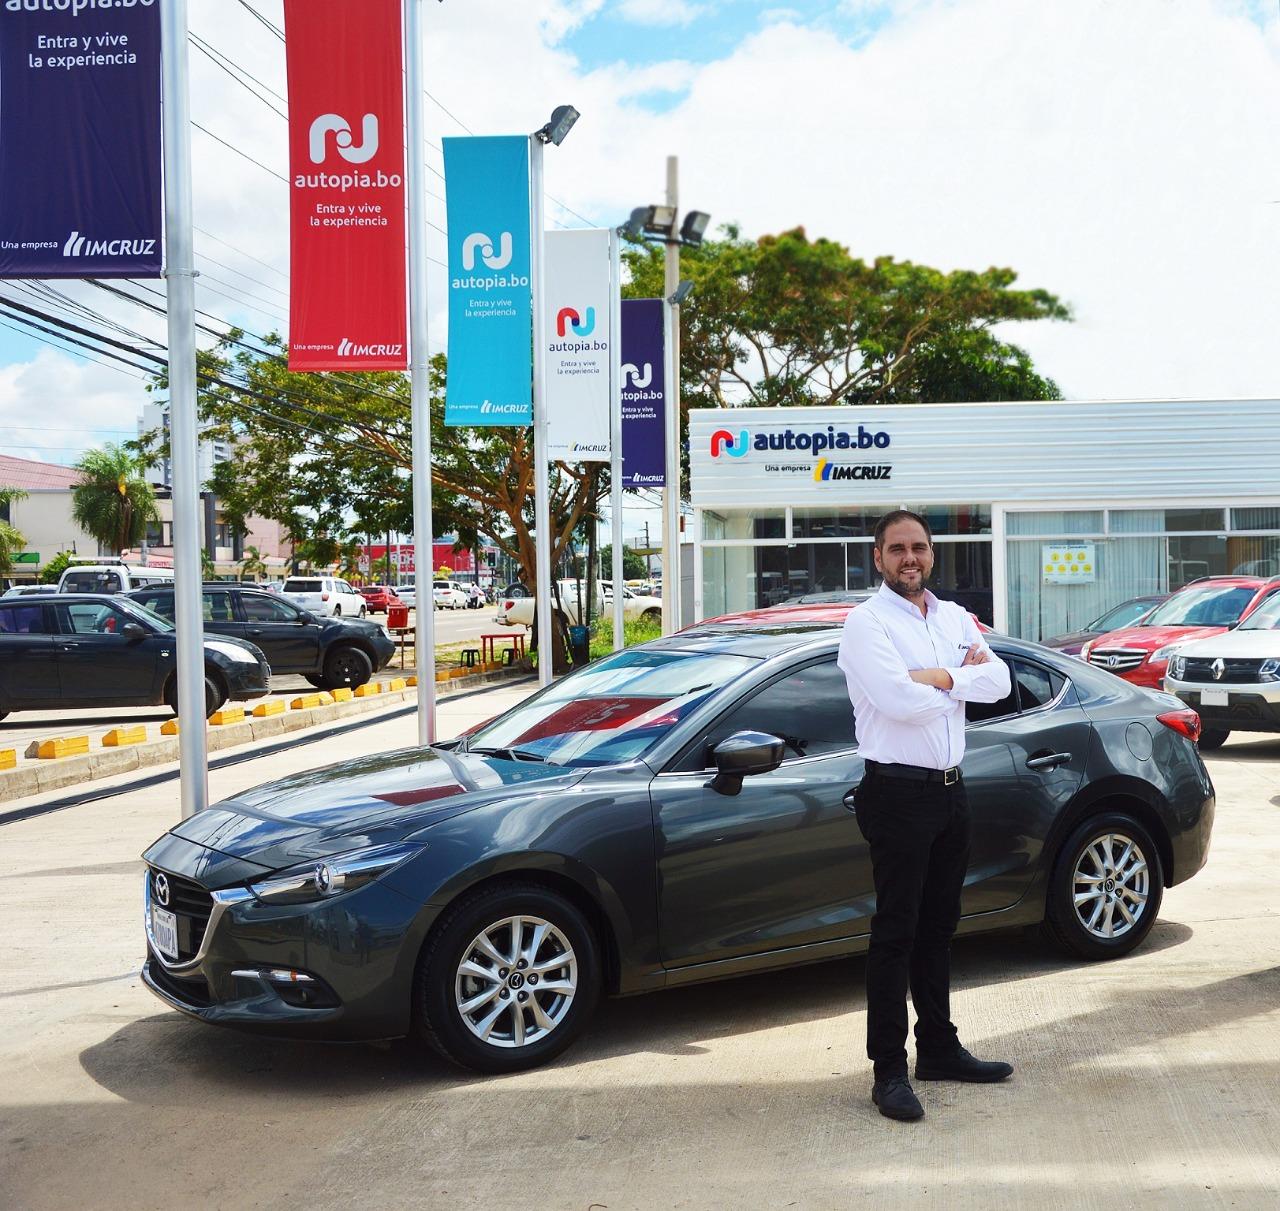 Autopia responde: ¿Cuándo y cómo vender un auto usado?